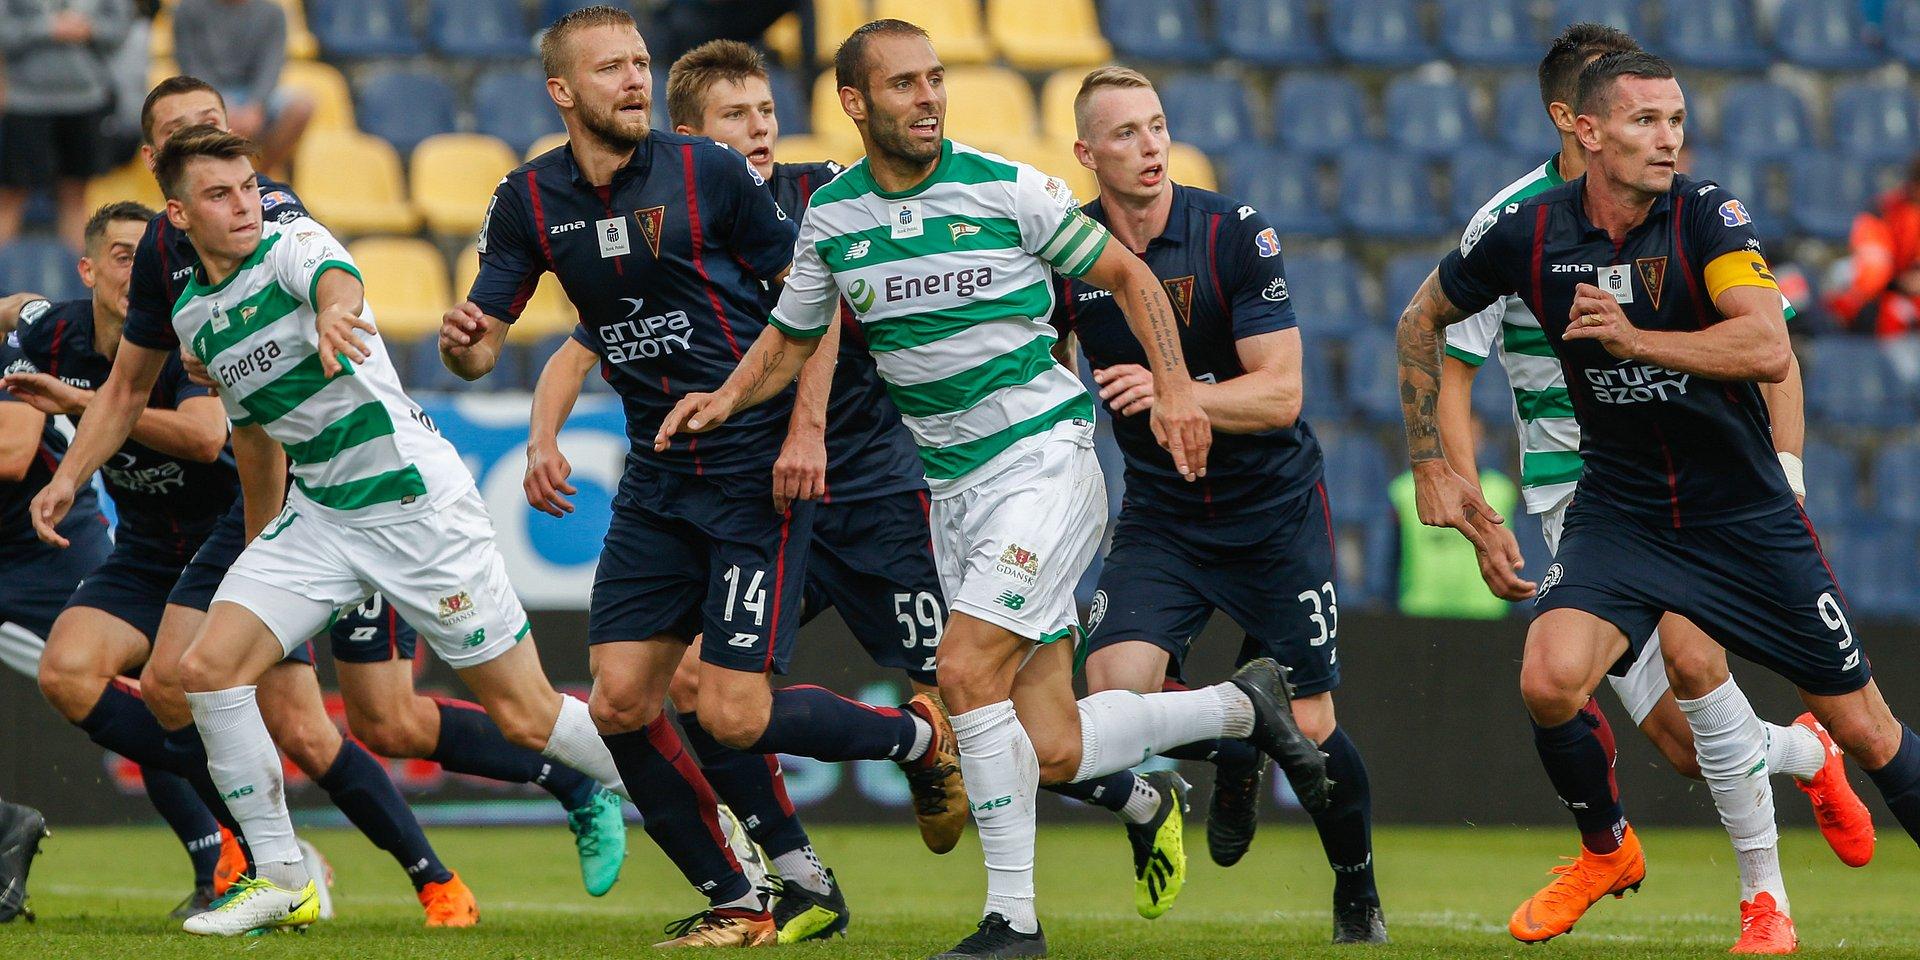 Powrót LOTTO Ekstraklasy, derby Madrytu w 4K, mecz na szczycie Premier League - sportowy weekend w nc+